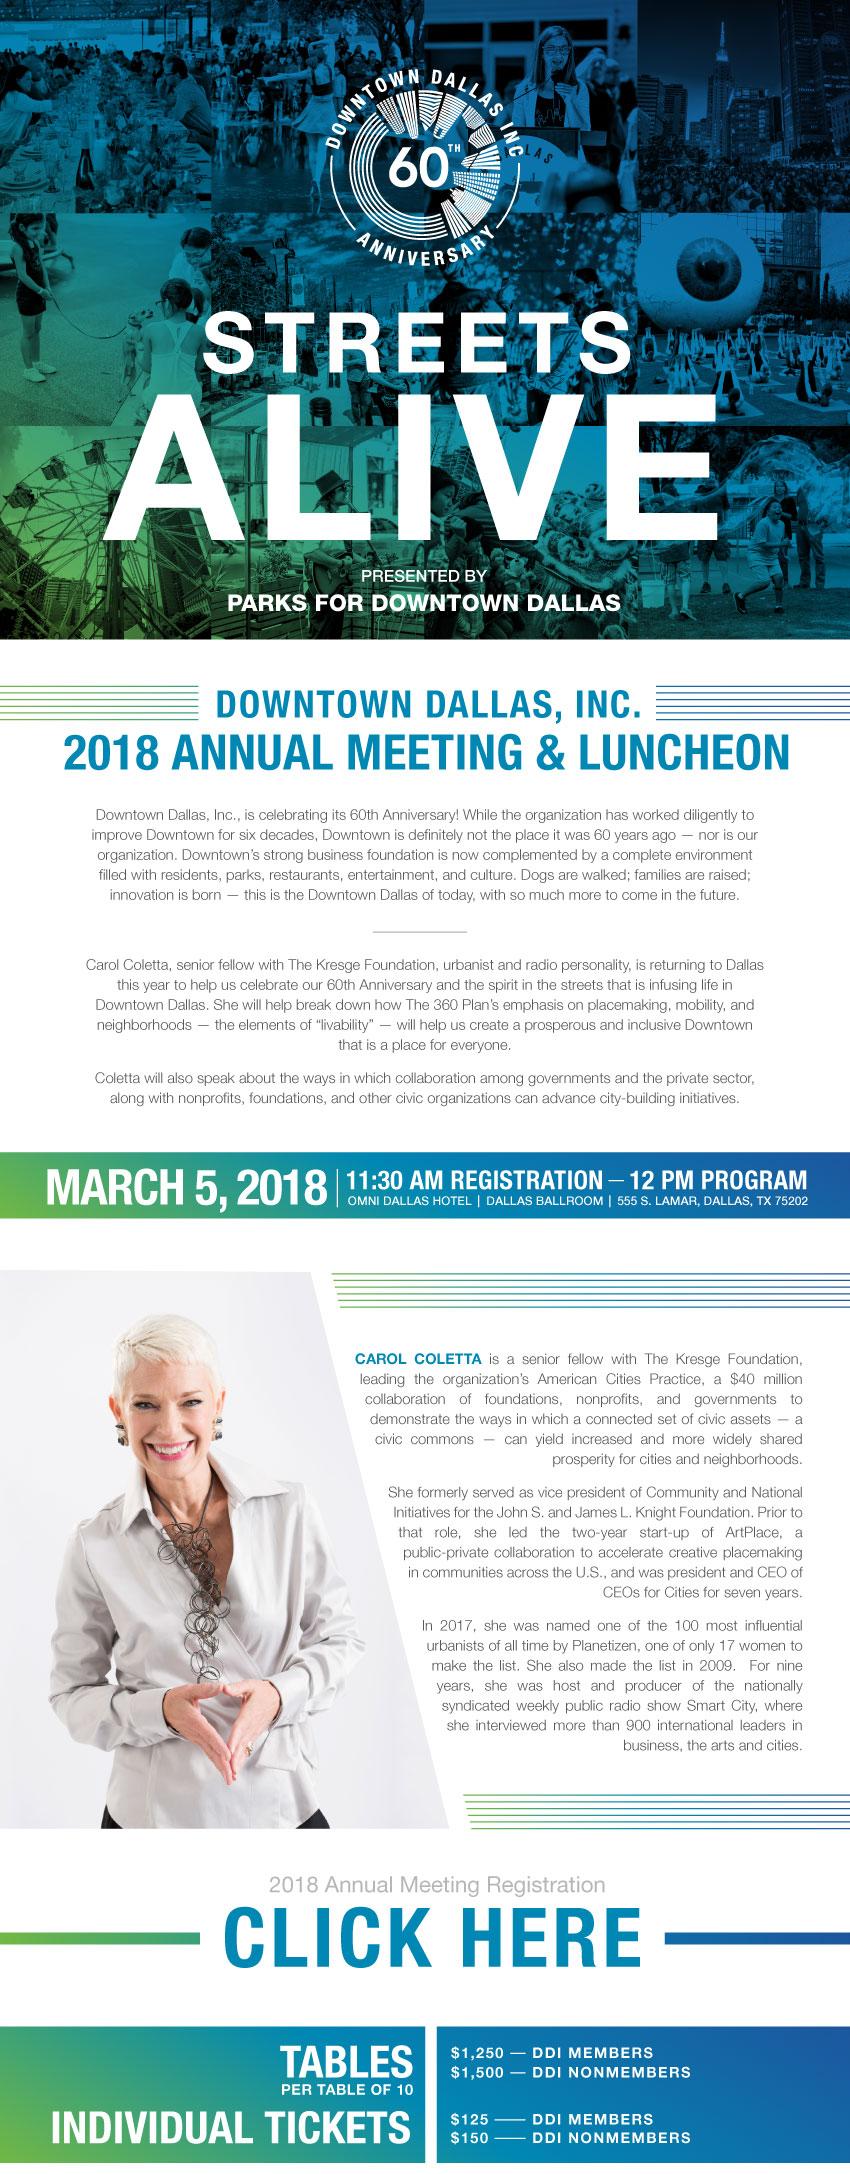 DDI-INvite-2018---no-sponsor-info-1-26-18